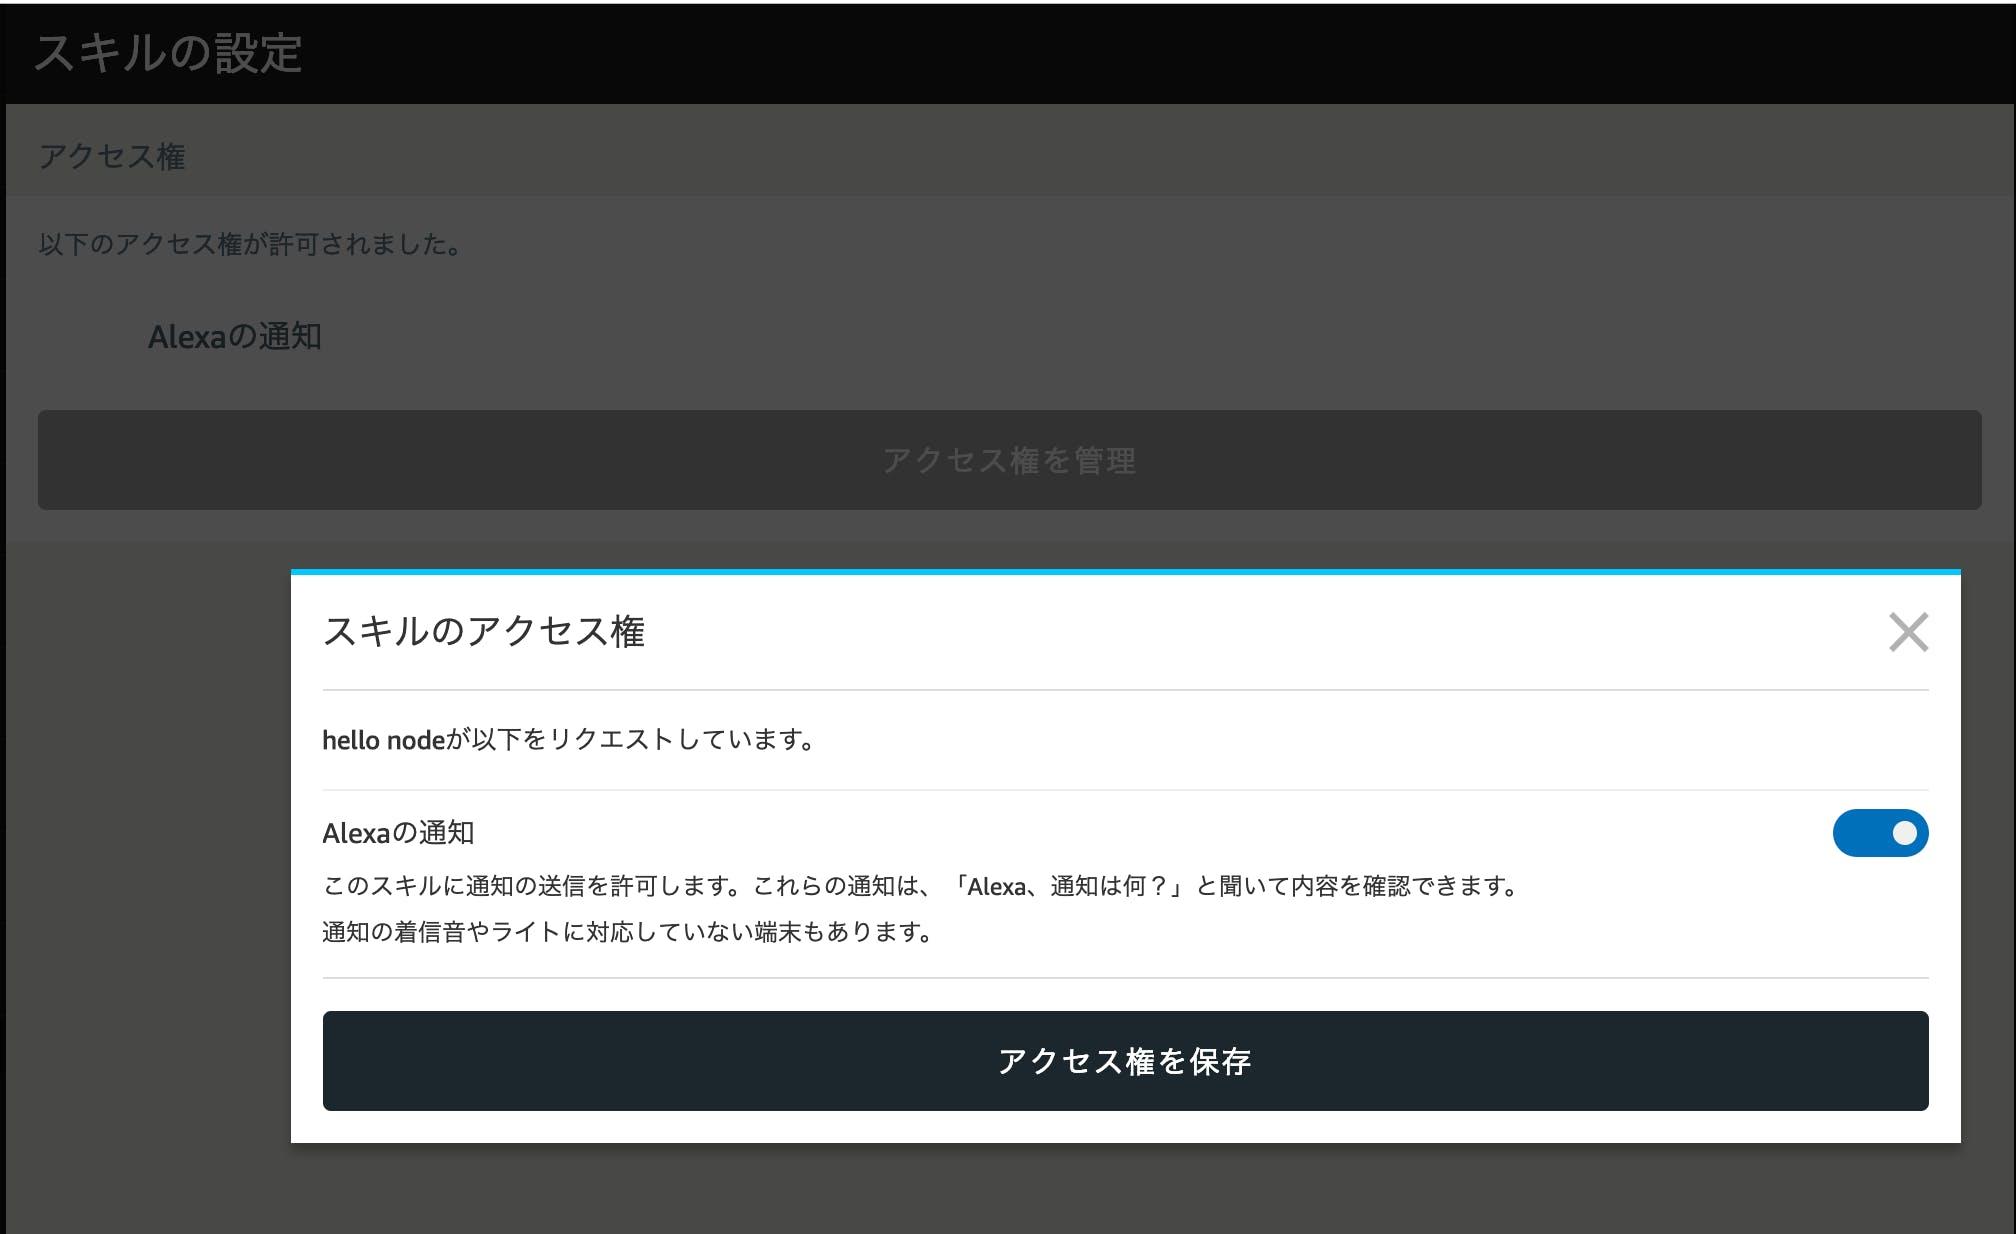 スクリーンショット 2019-03-05 11.04.43.png